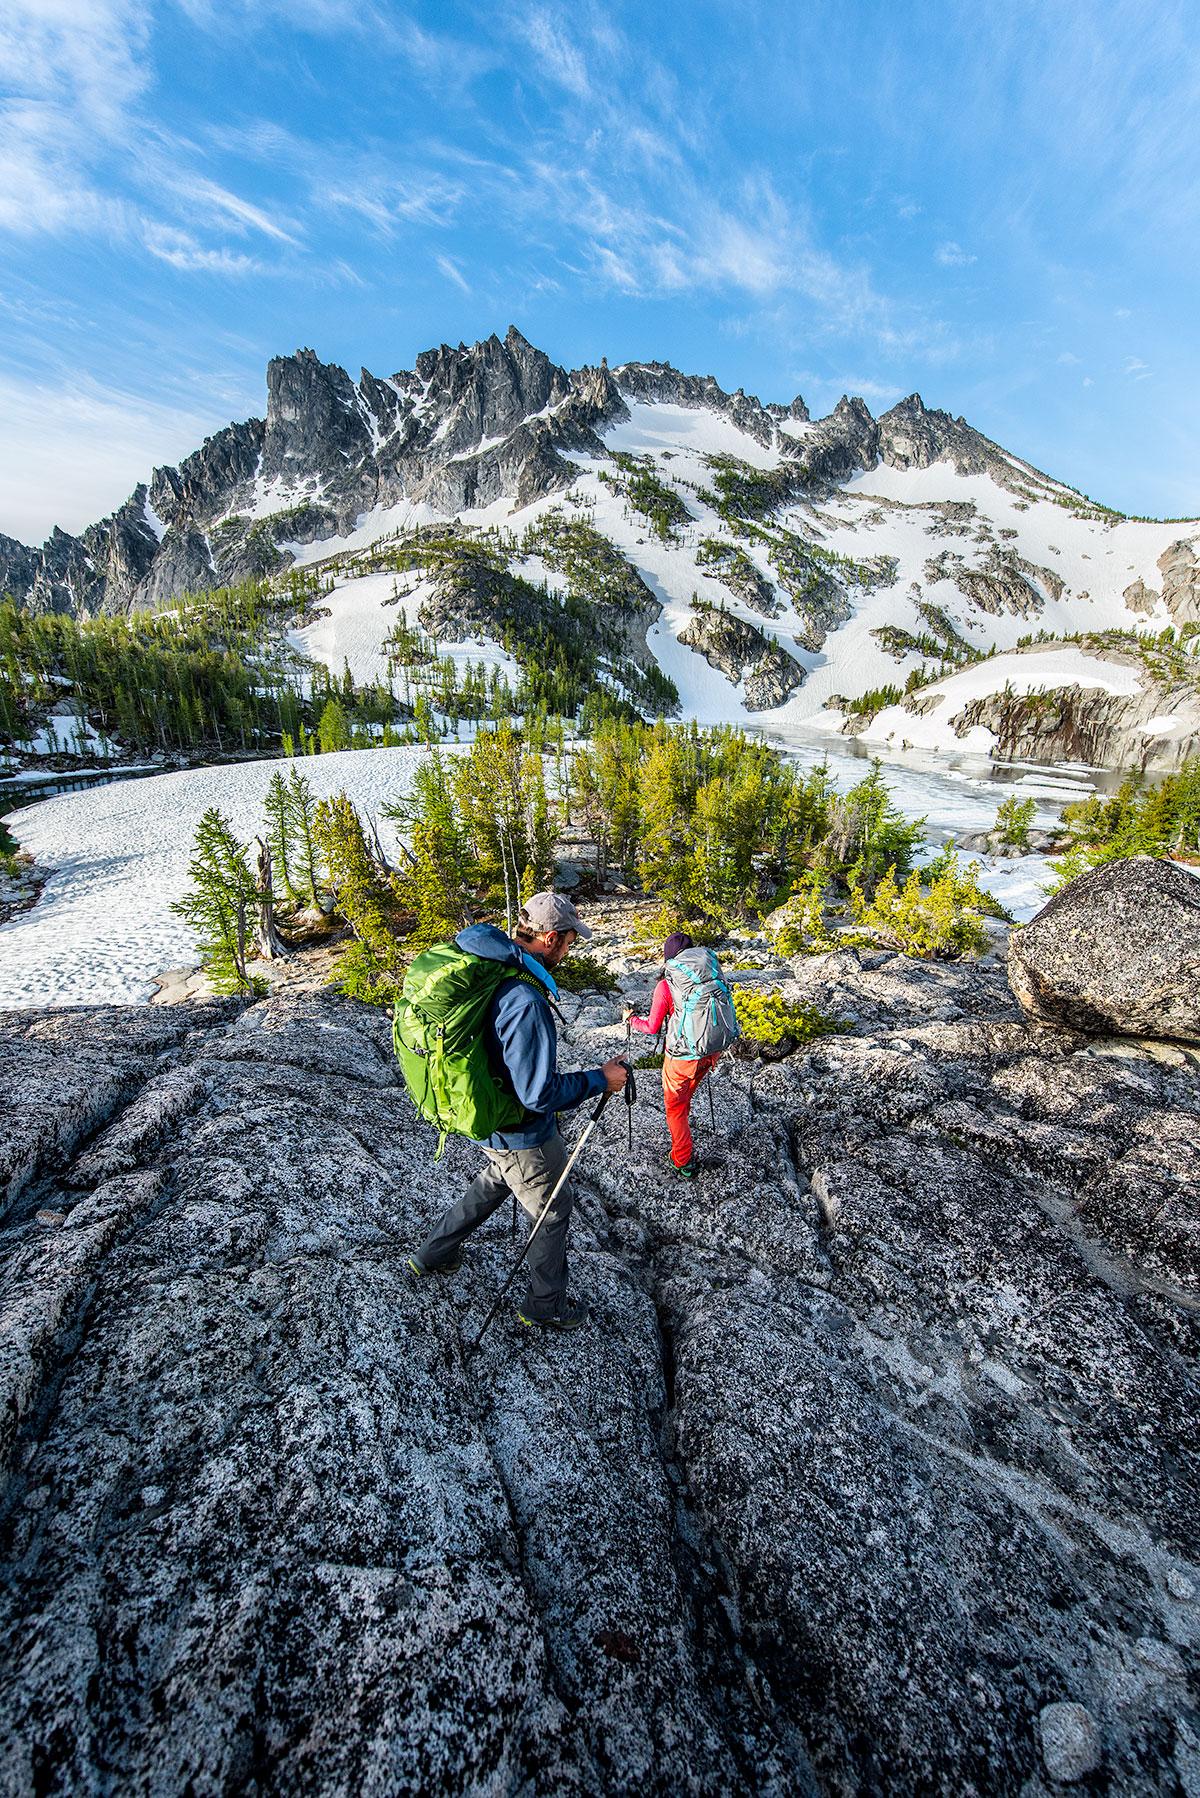 austin-trigg-osprey-hiking-backpacks-hike-camp-washington-adventure-morning-sunrise-lifestyle-outdoor-couple-.jpg